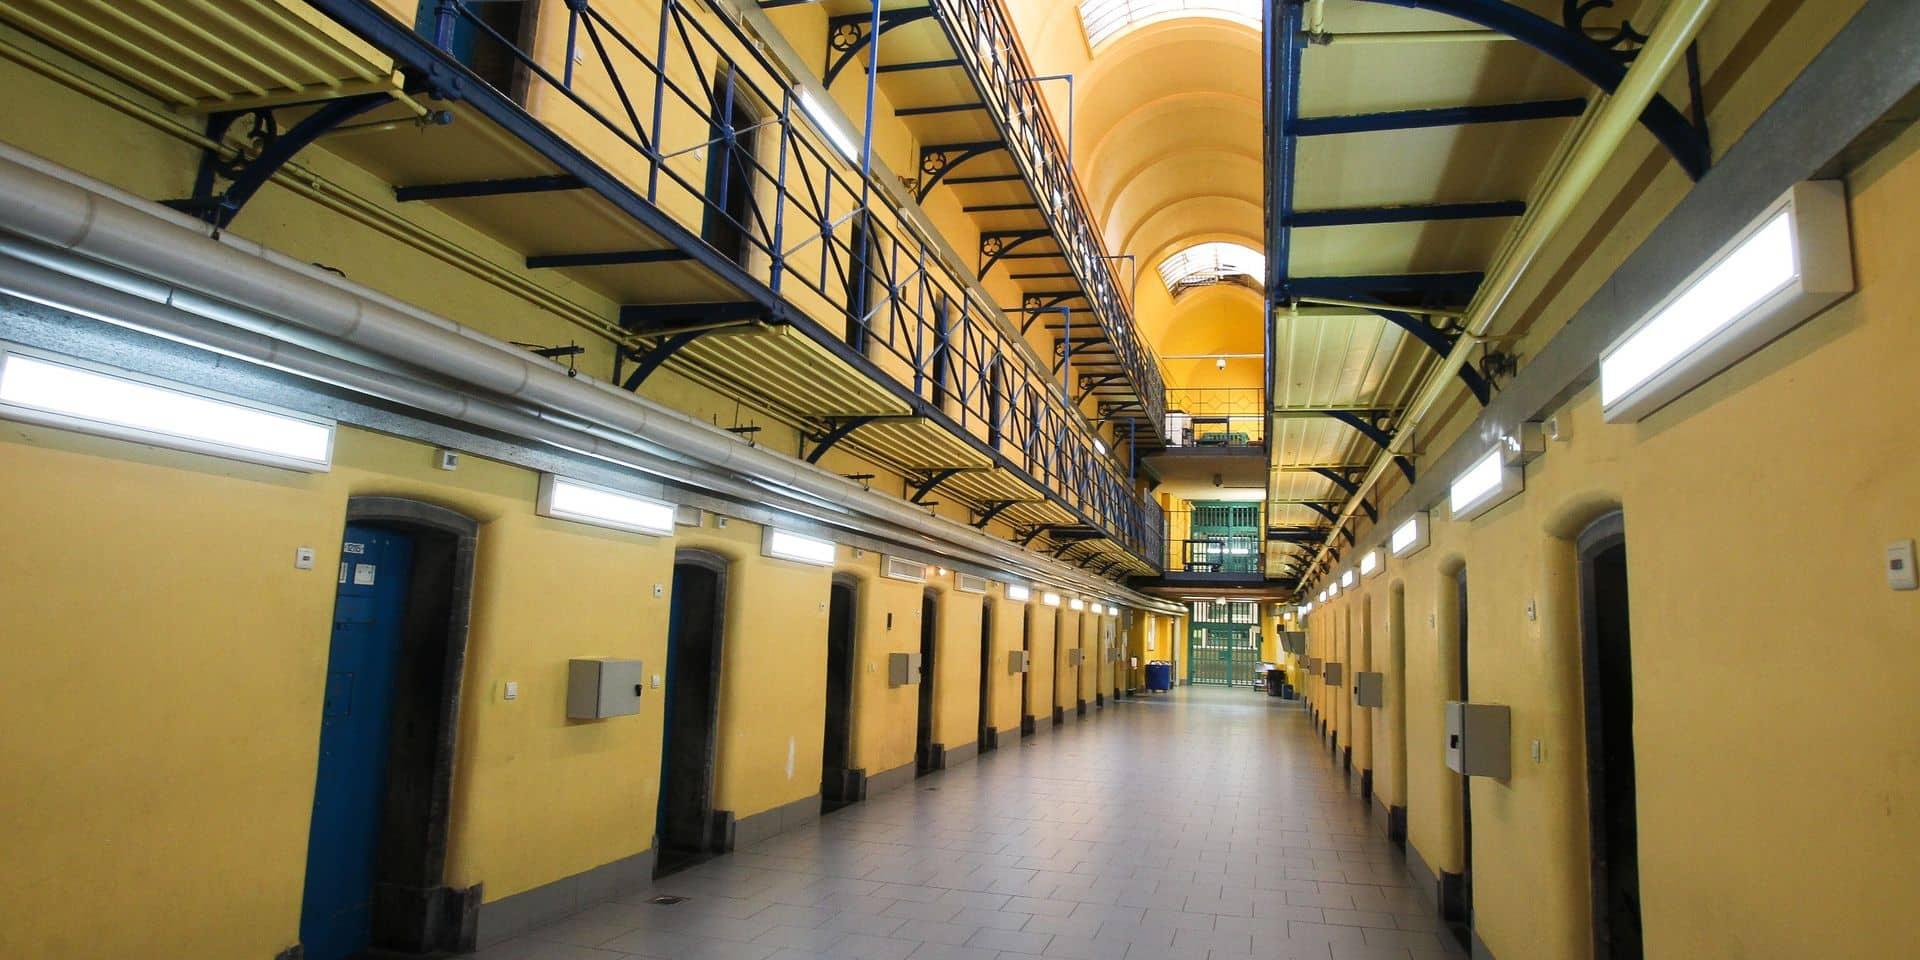 Des incidents à la prison de Mons, la police a dû intervenir